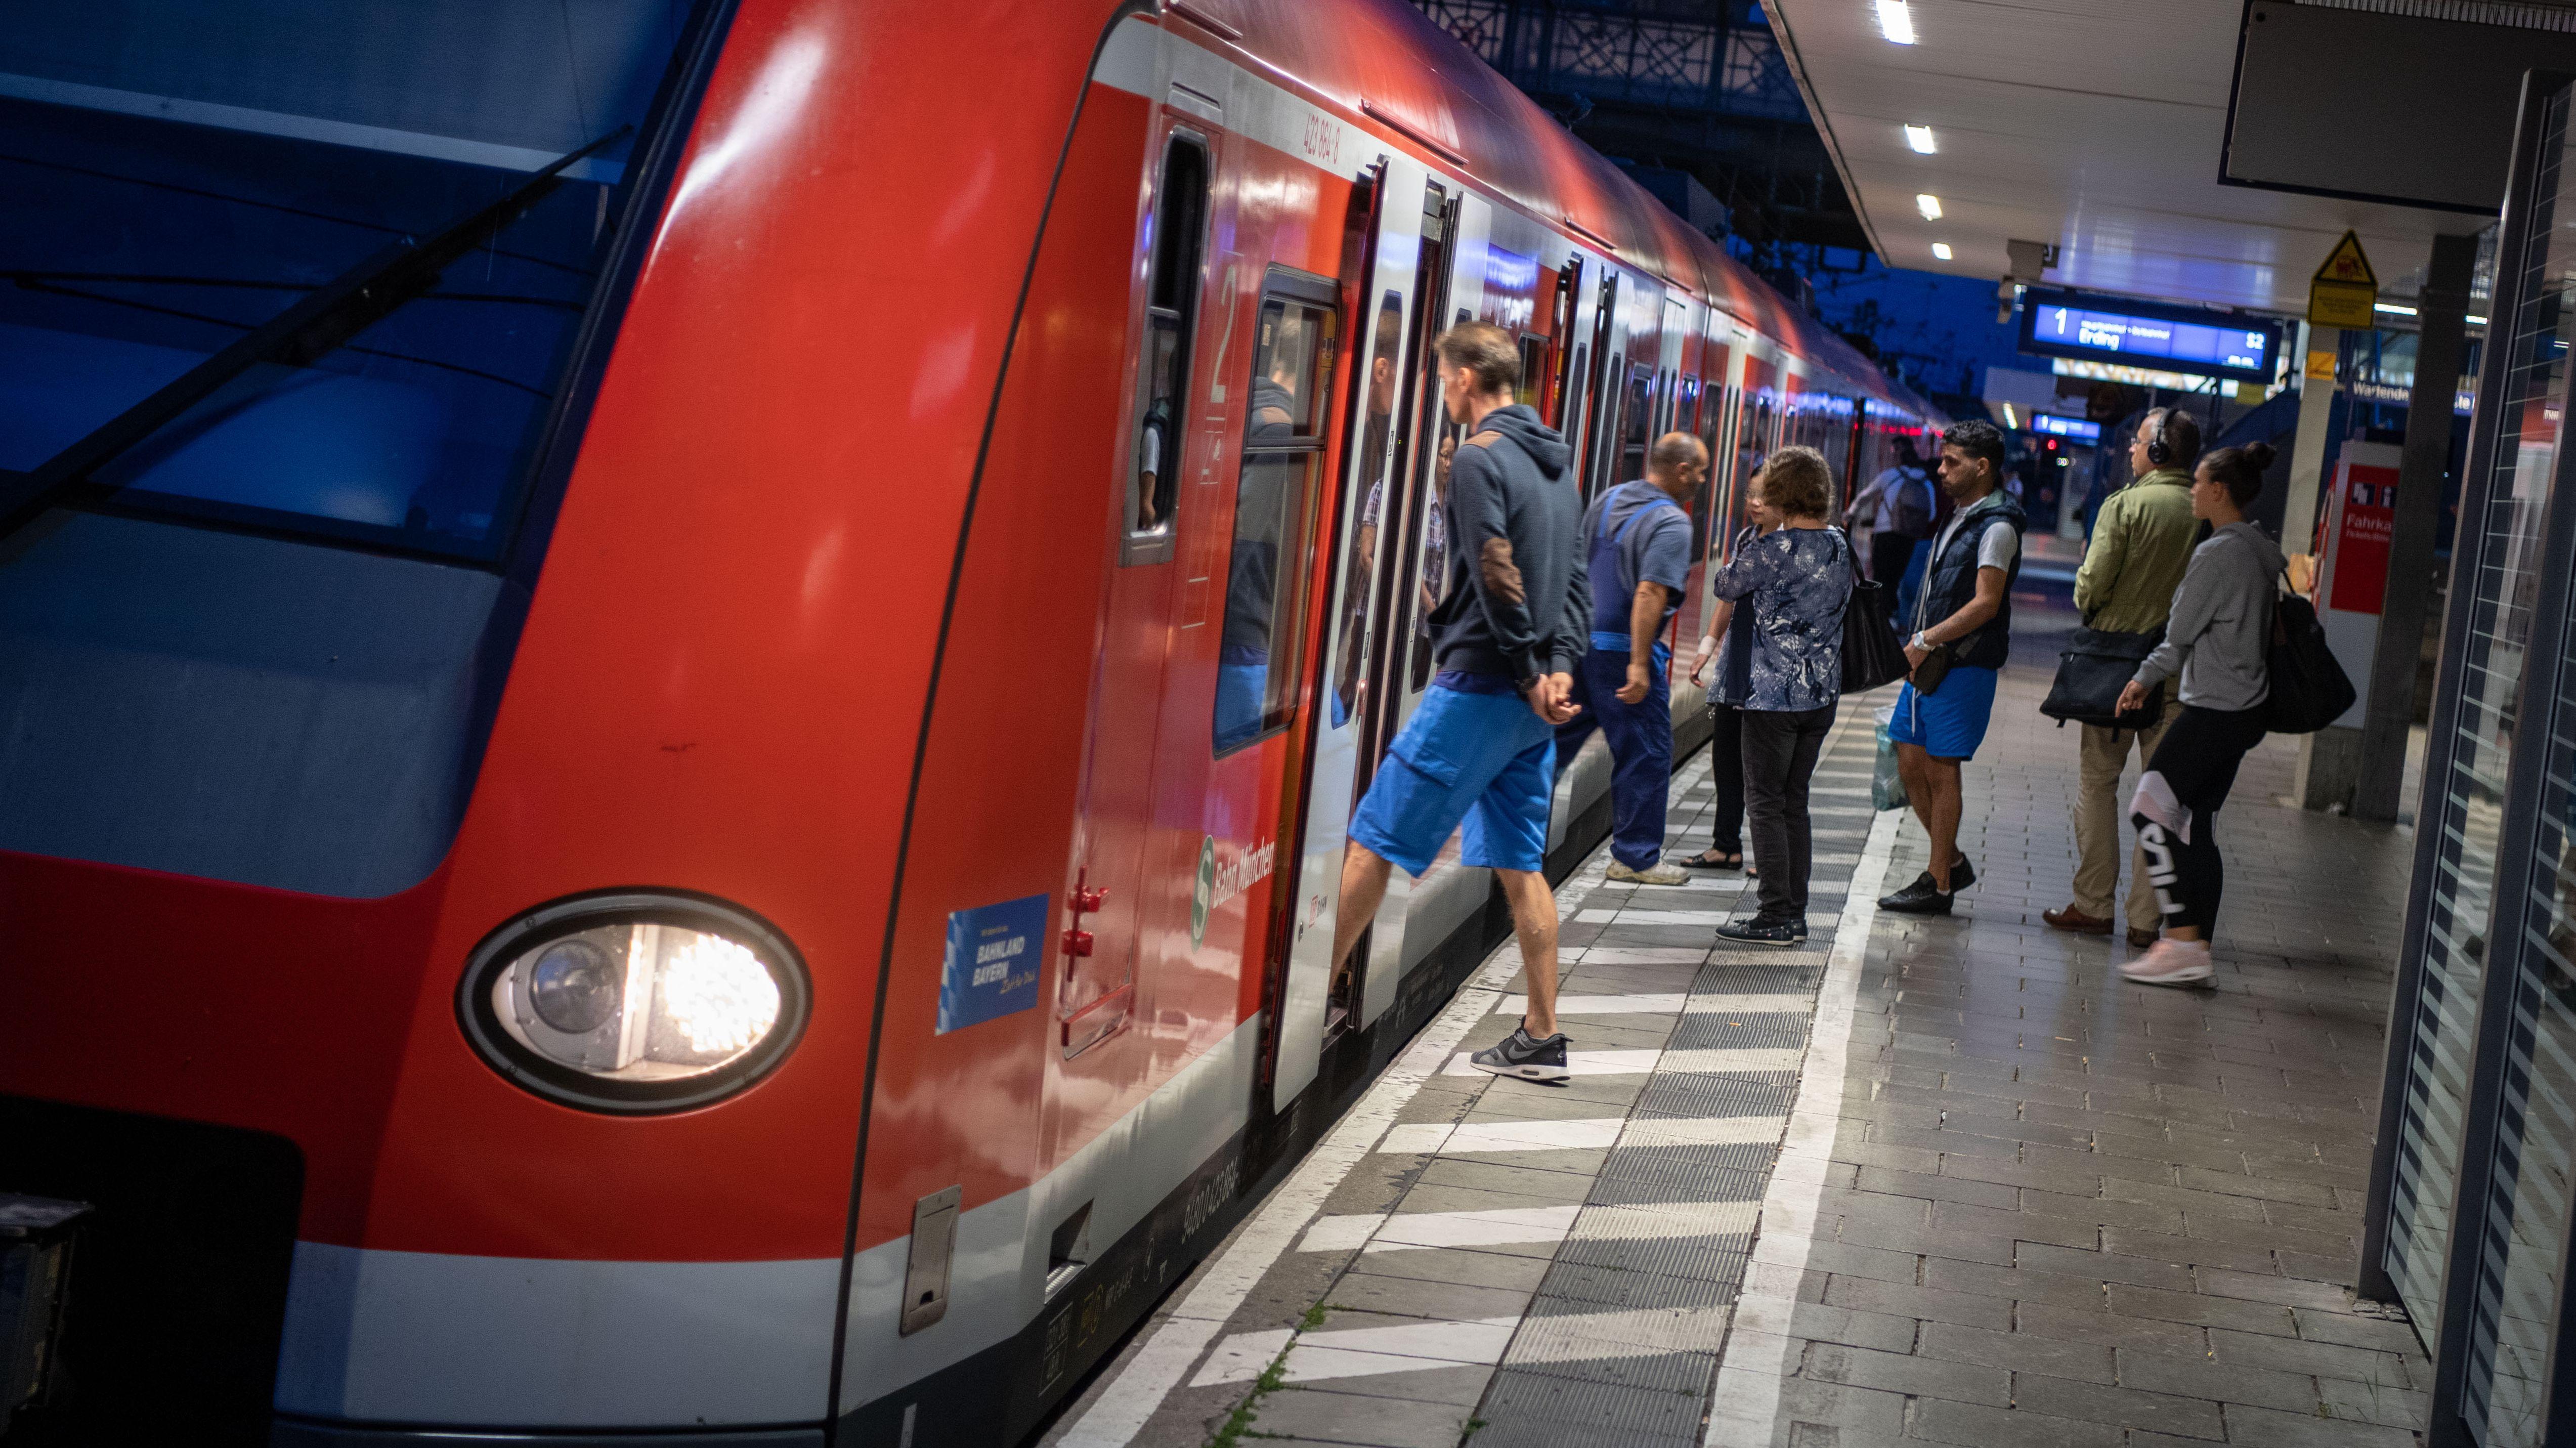 Fahrgäste steigen in München in eine S-Bahn (Archivbild).